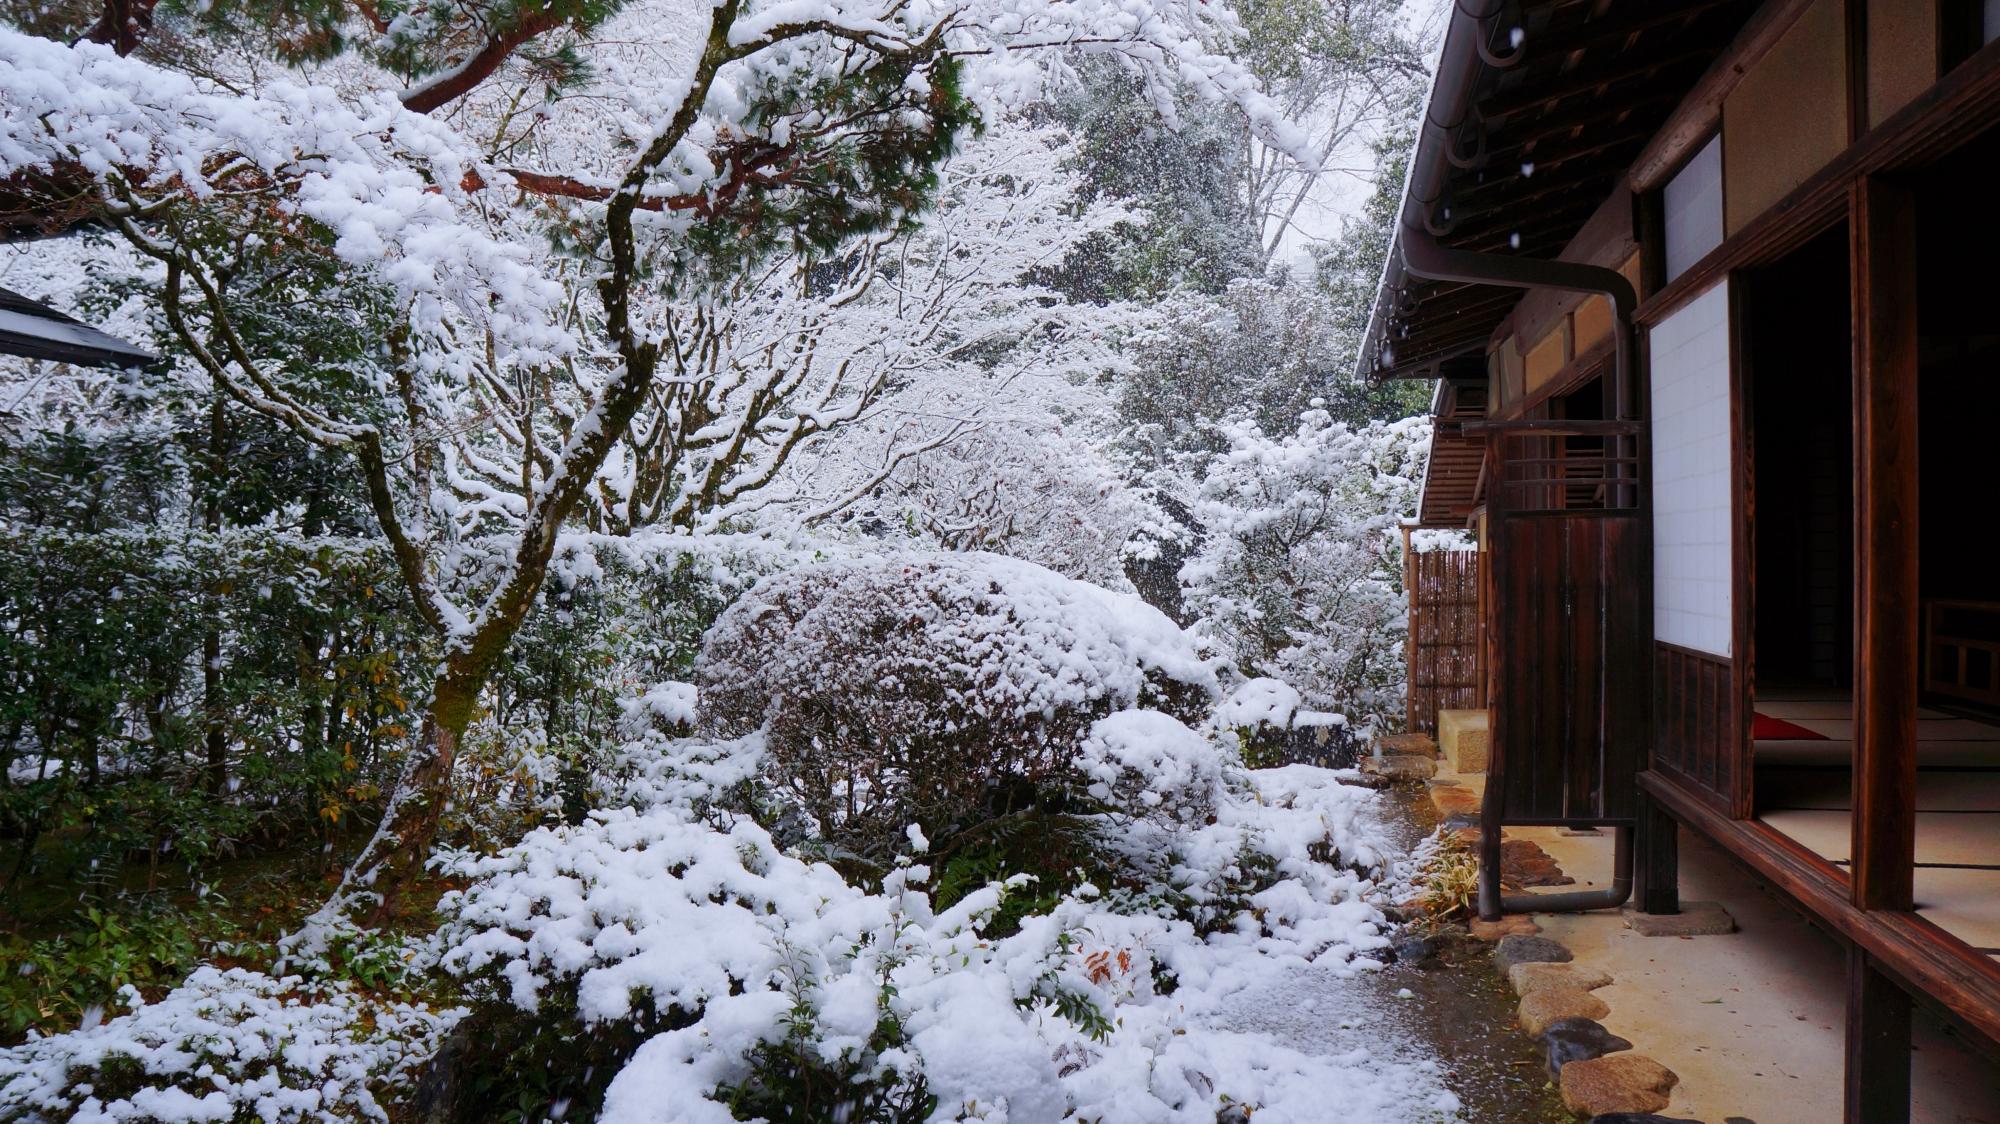 風情ある冬景色のひとコマ